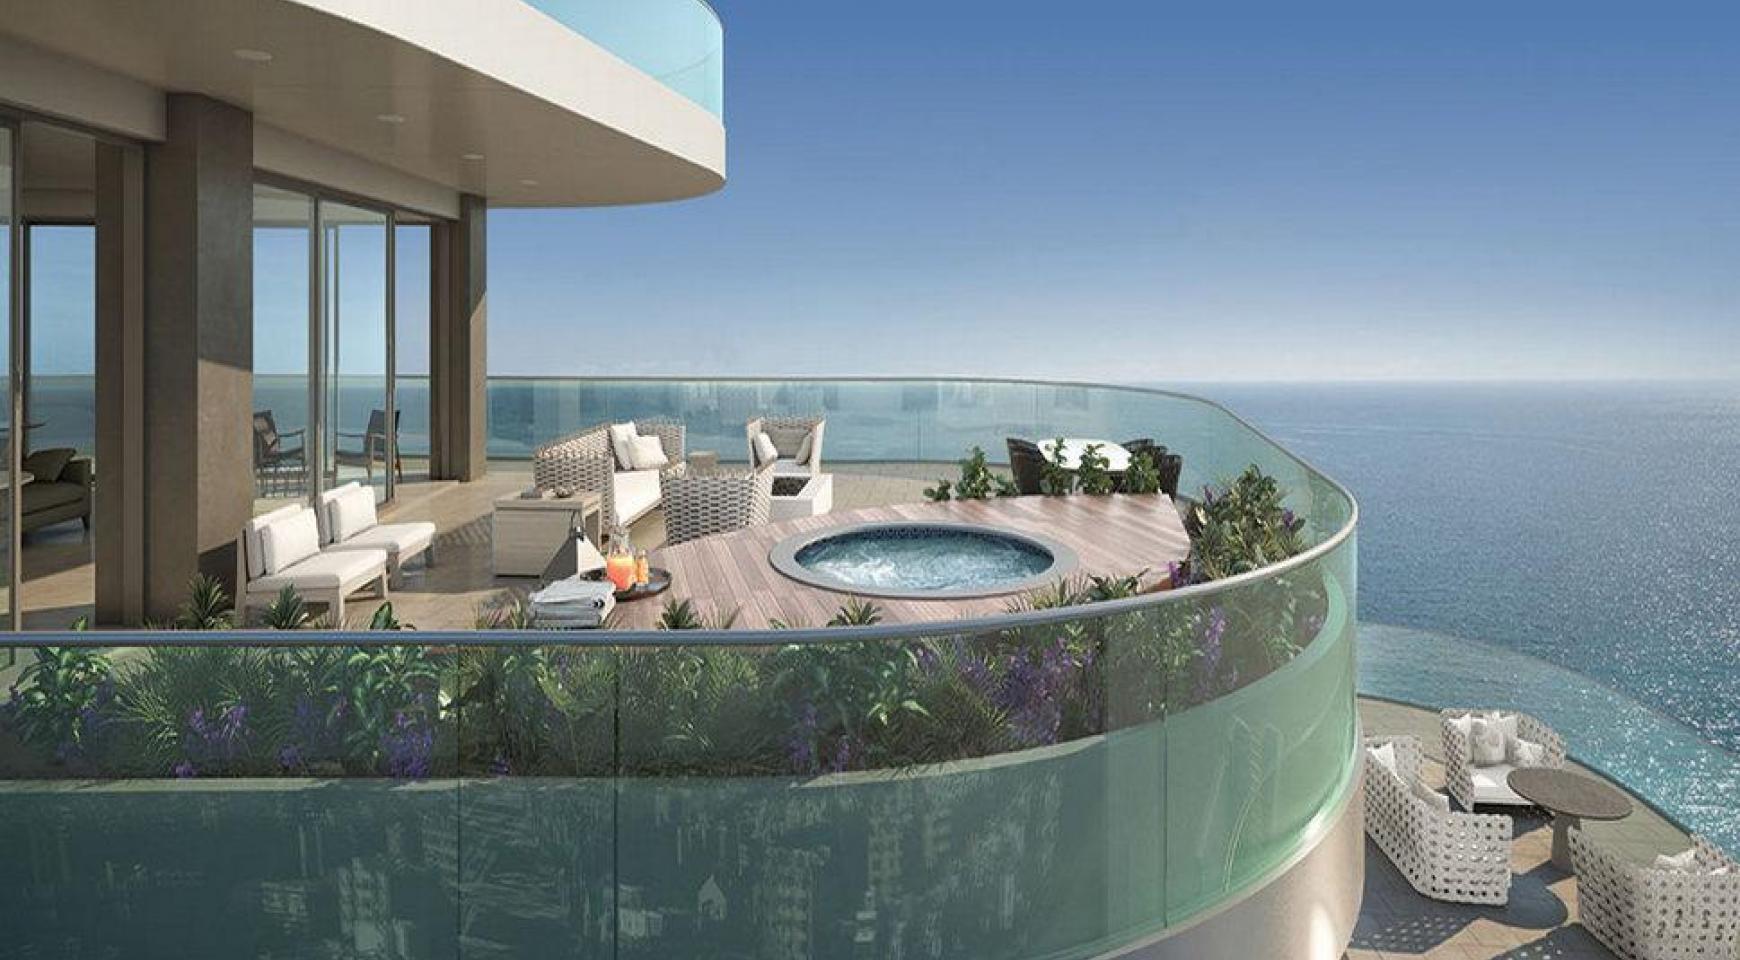 3-Спальная Квартира Класса Люкс в Эксклюзивном Проекте у Моря  - 3